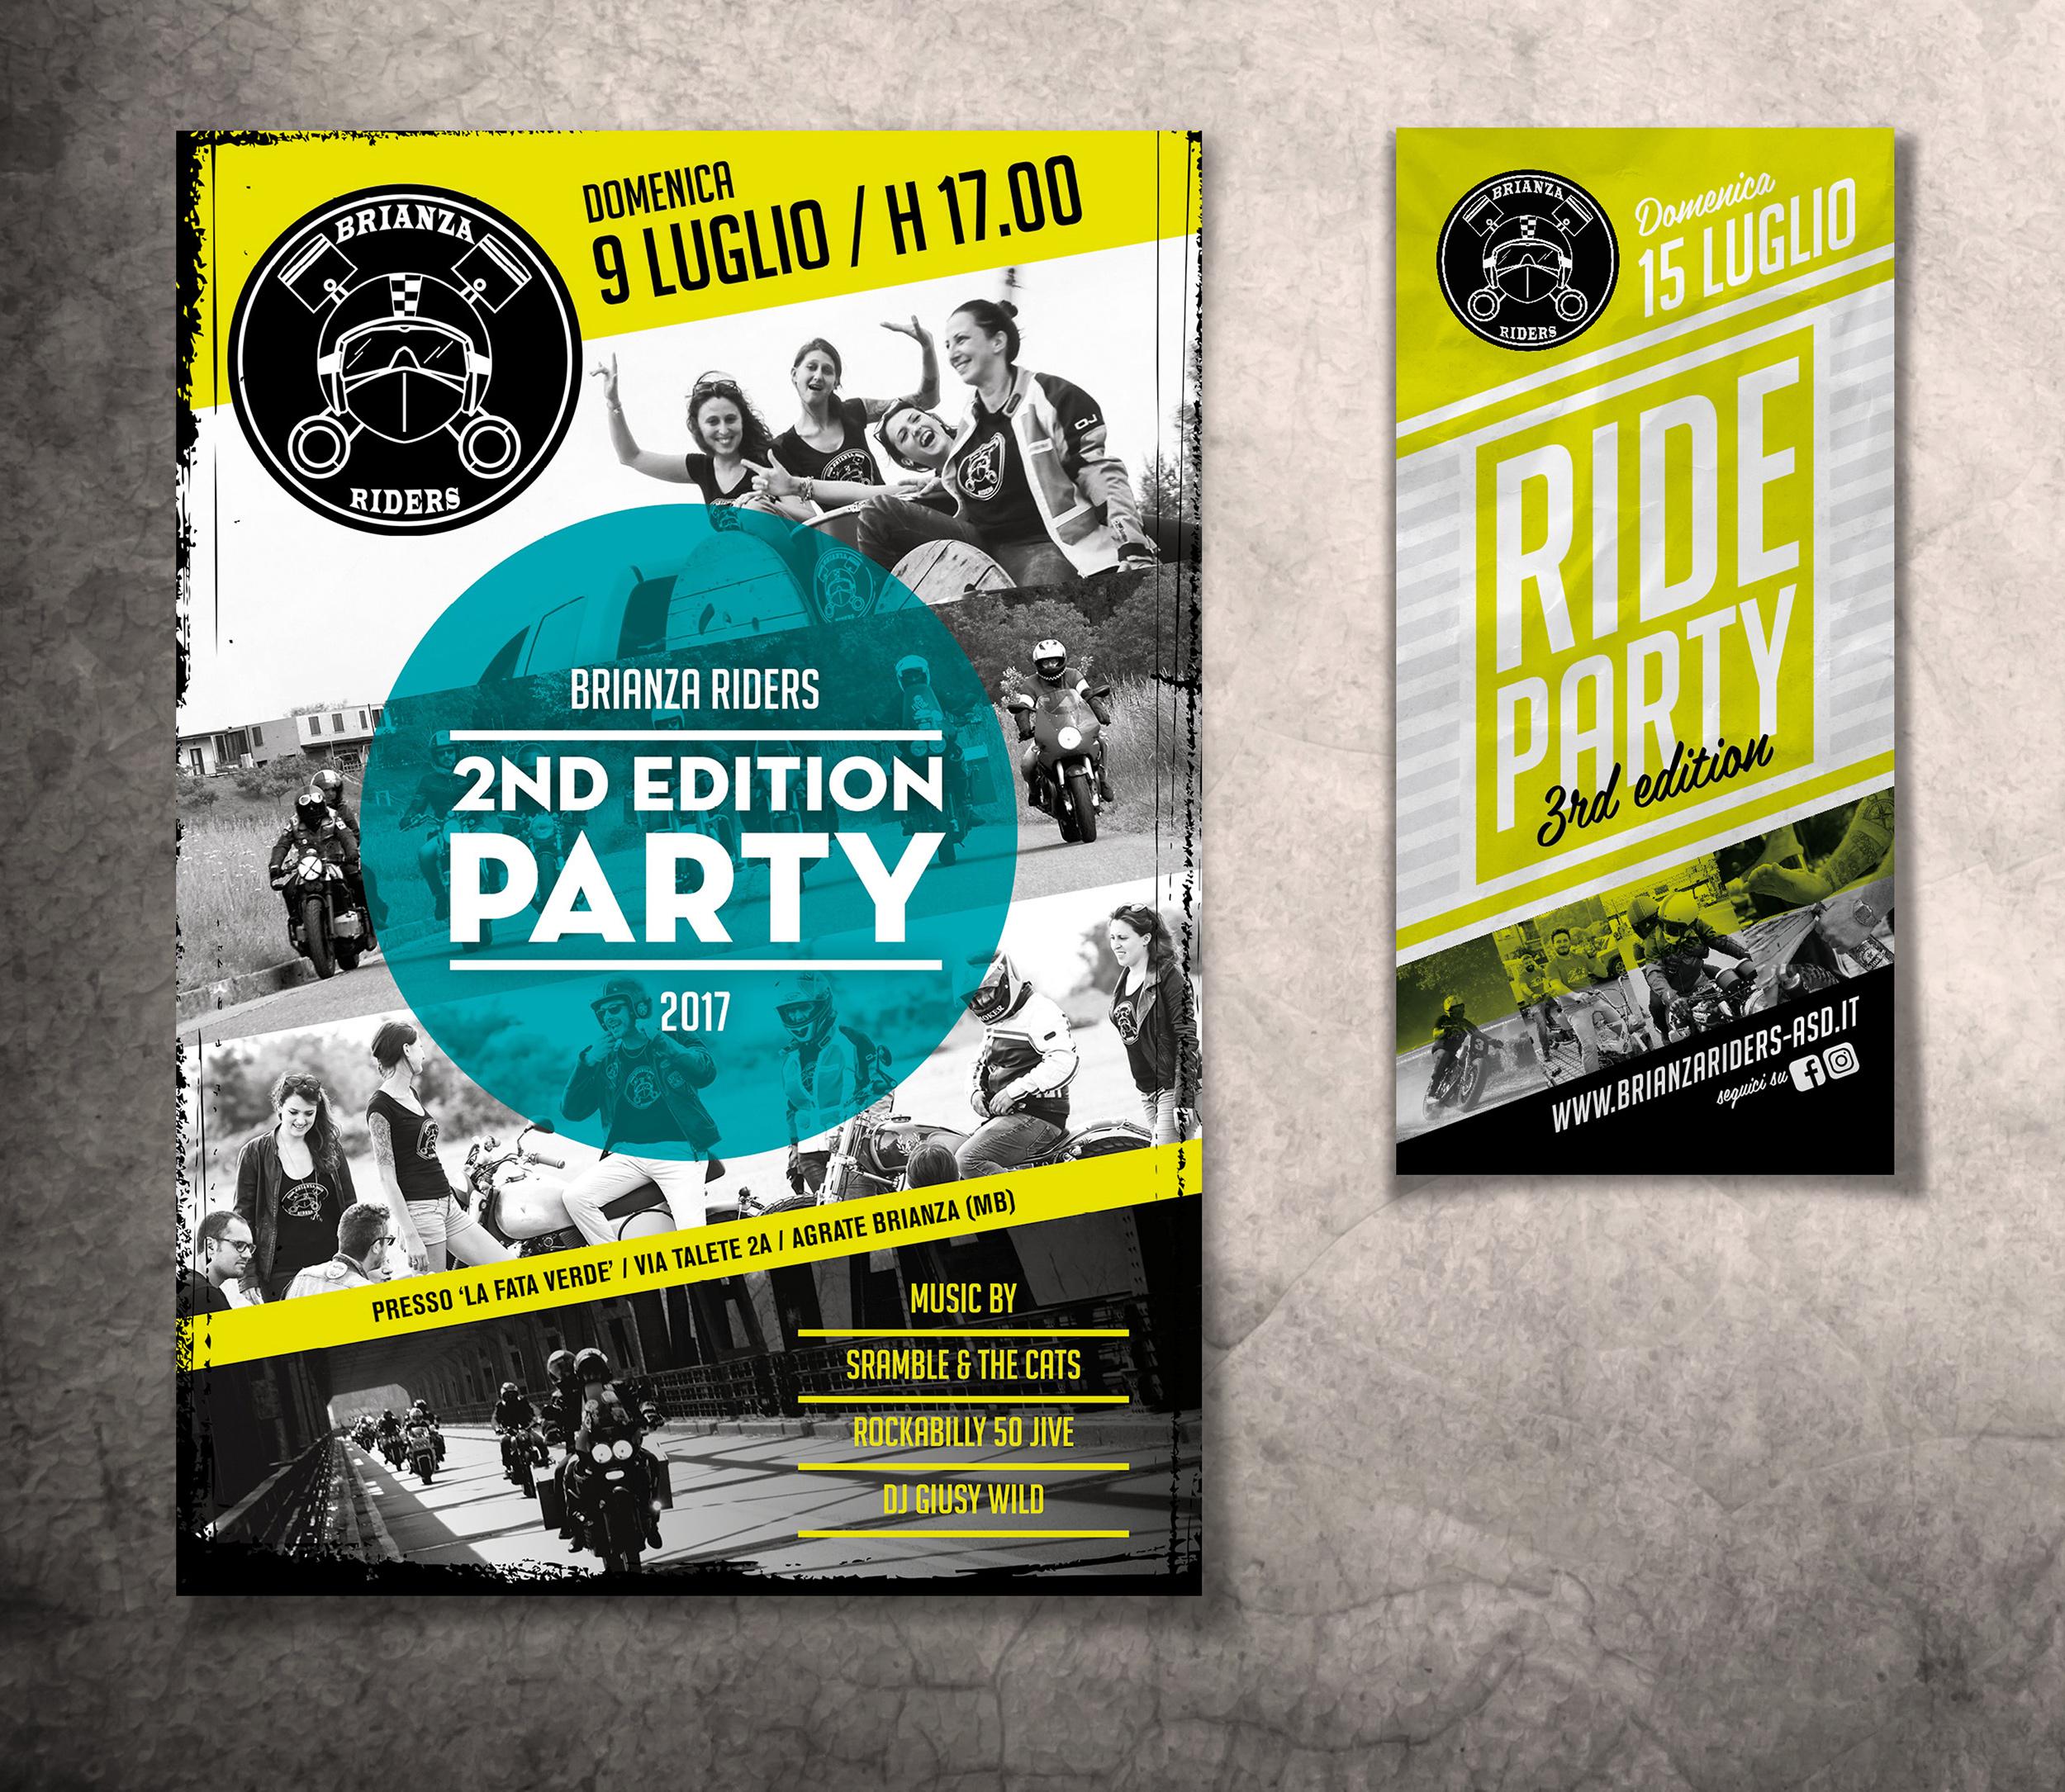 locandine Ride Party Brianza Riders